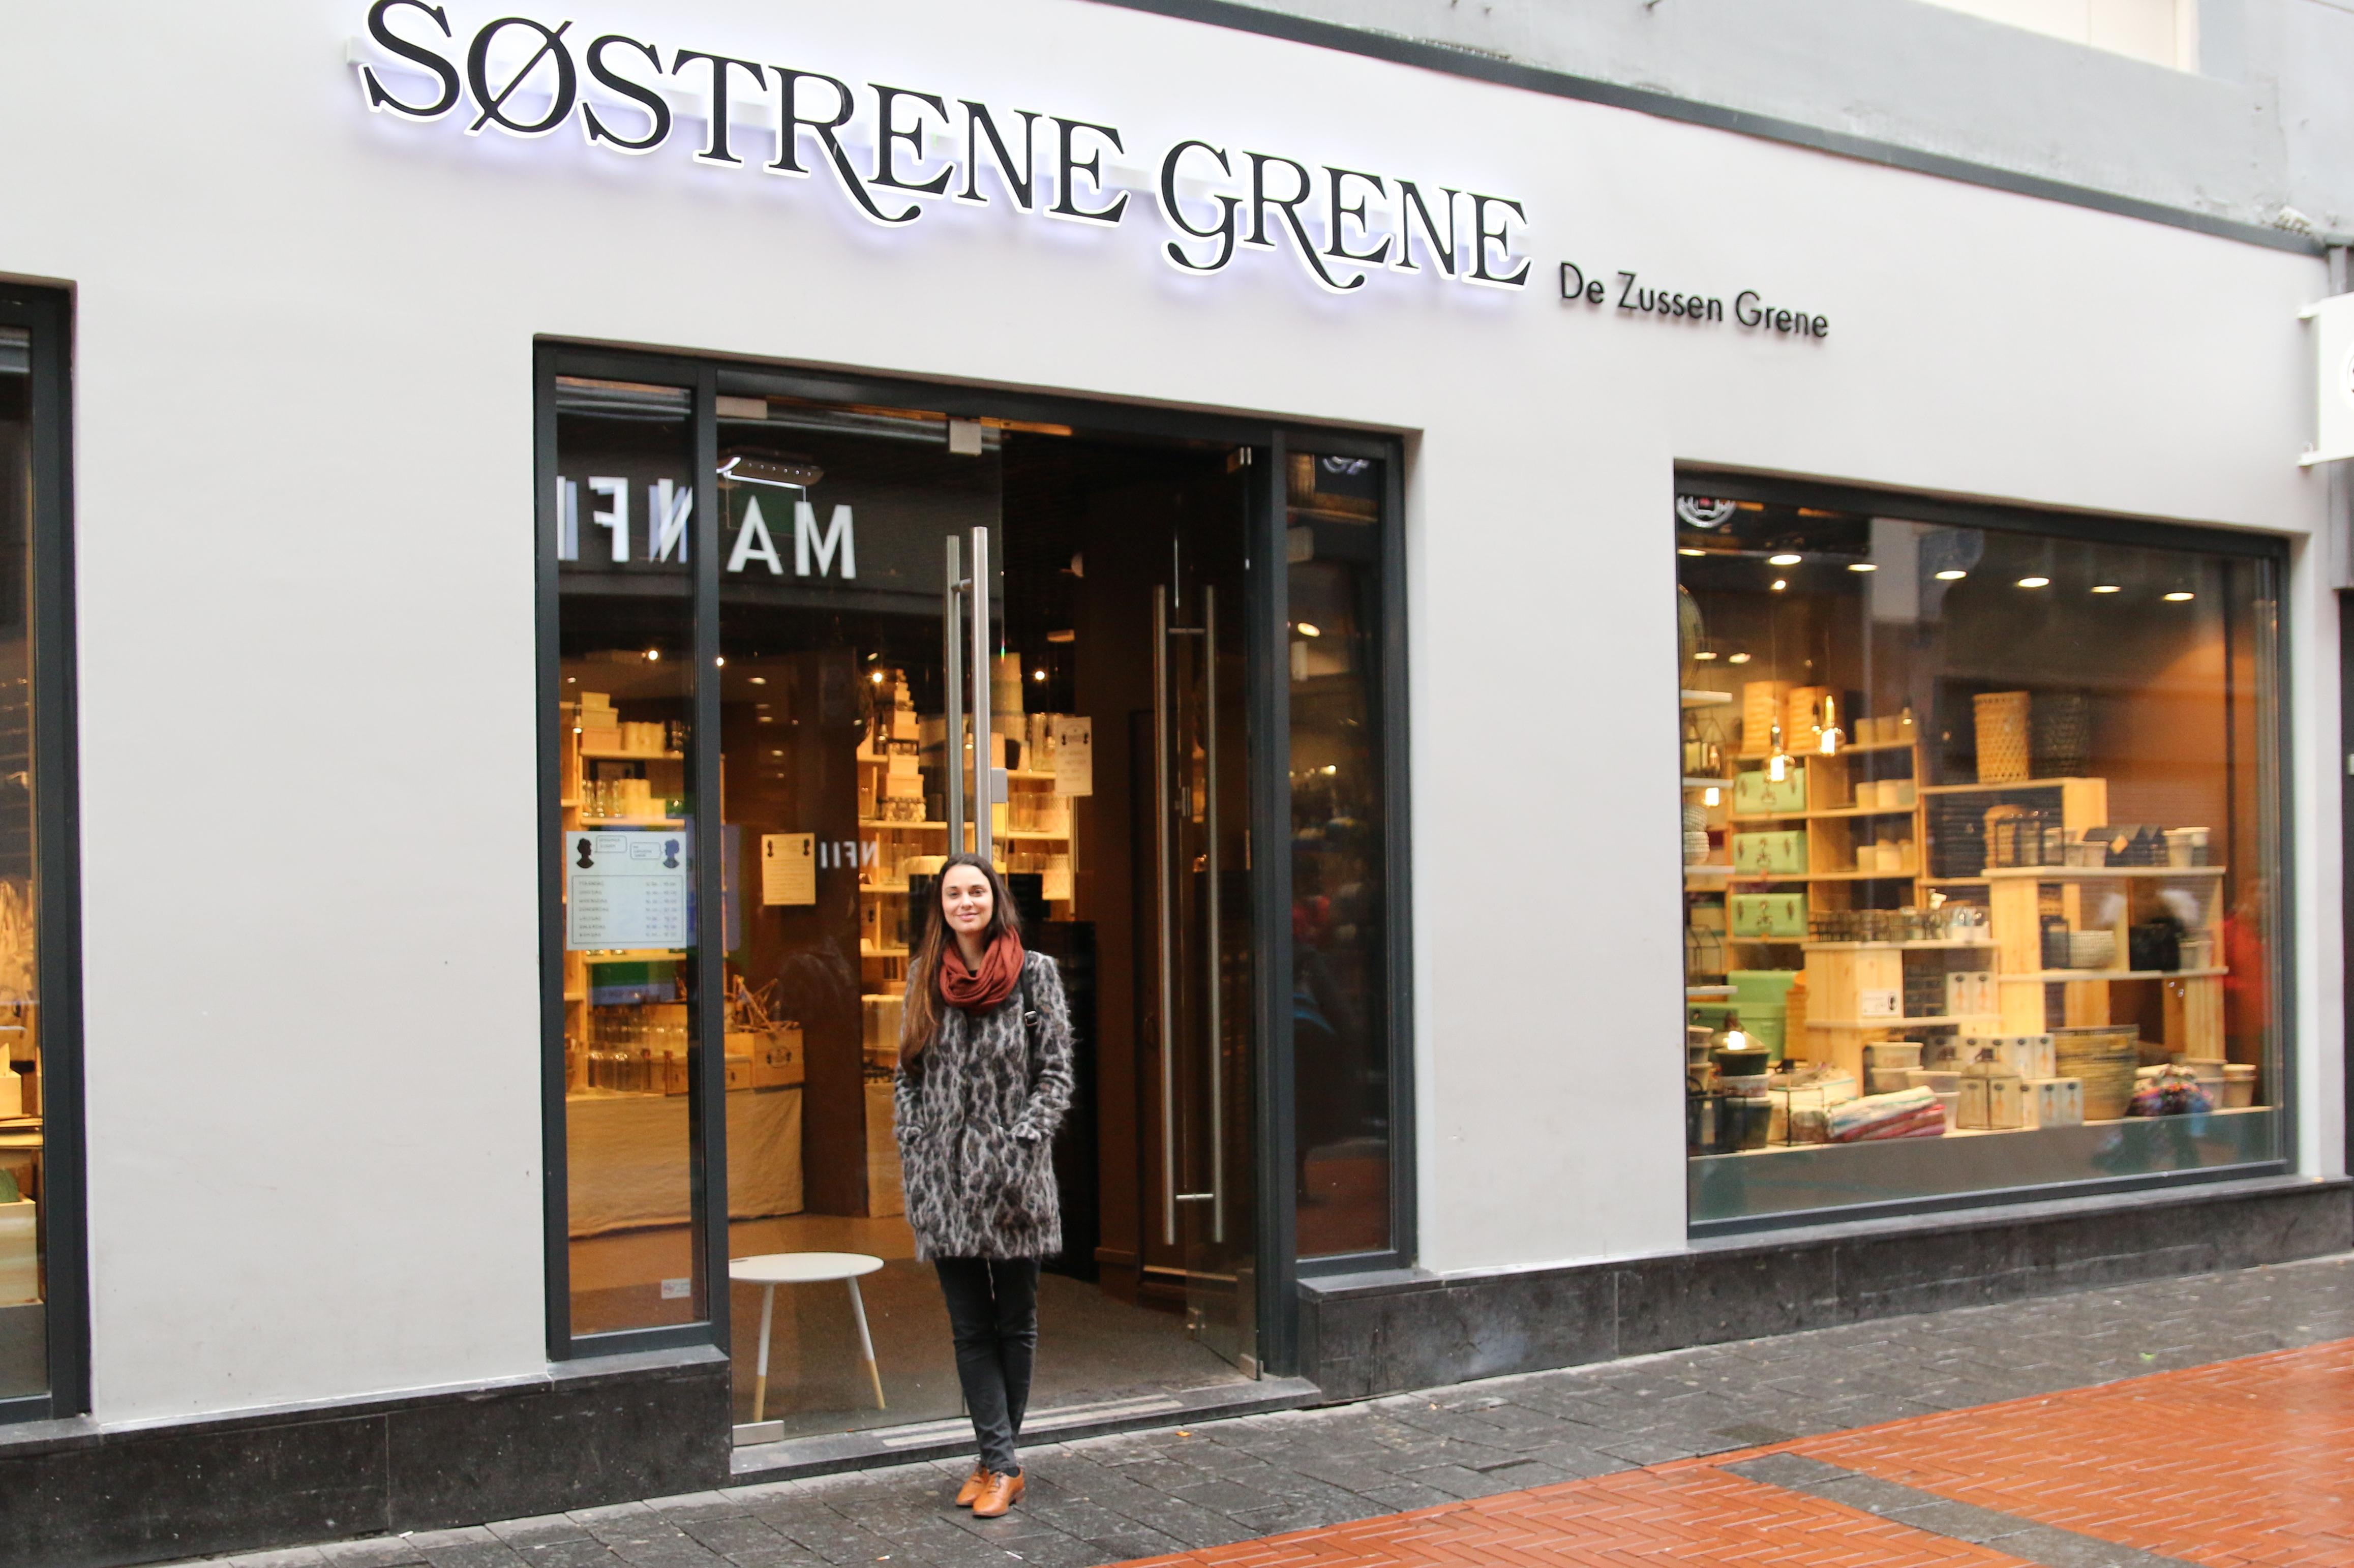 Sostrene Grene Amsterdam